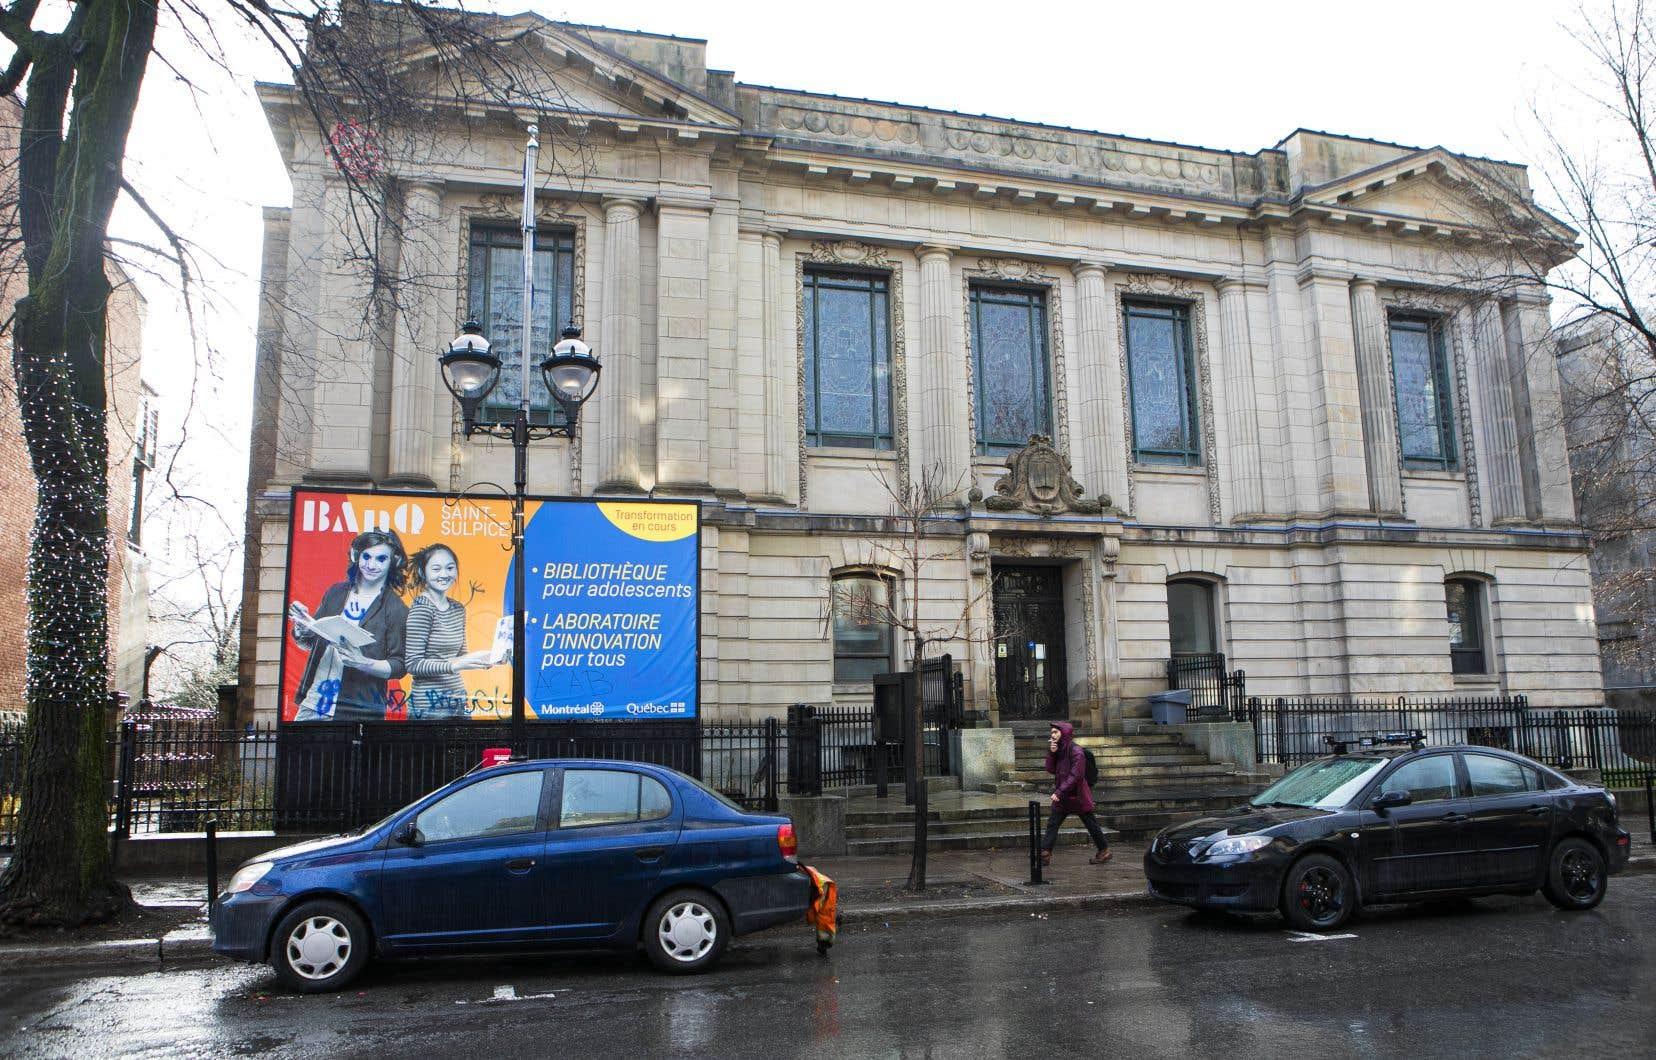 La bibliothèque Saint-Sulpice, sise sur la rue Saint-Denis à Montréal, a été dessinée par l'architecte Eugène Payette avant d'être construite en 1915 à l'instigation des prêtres sulpiciens.